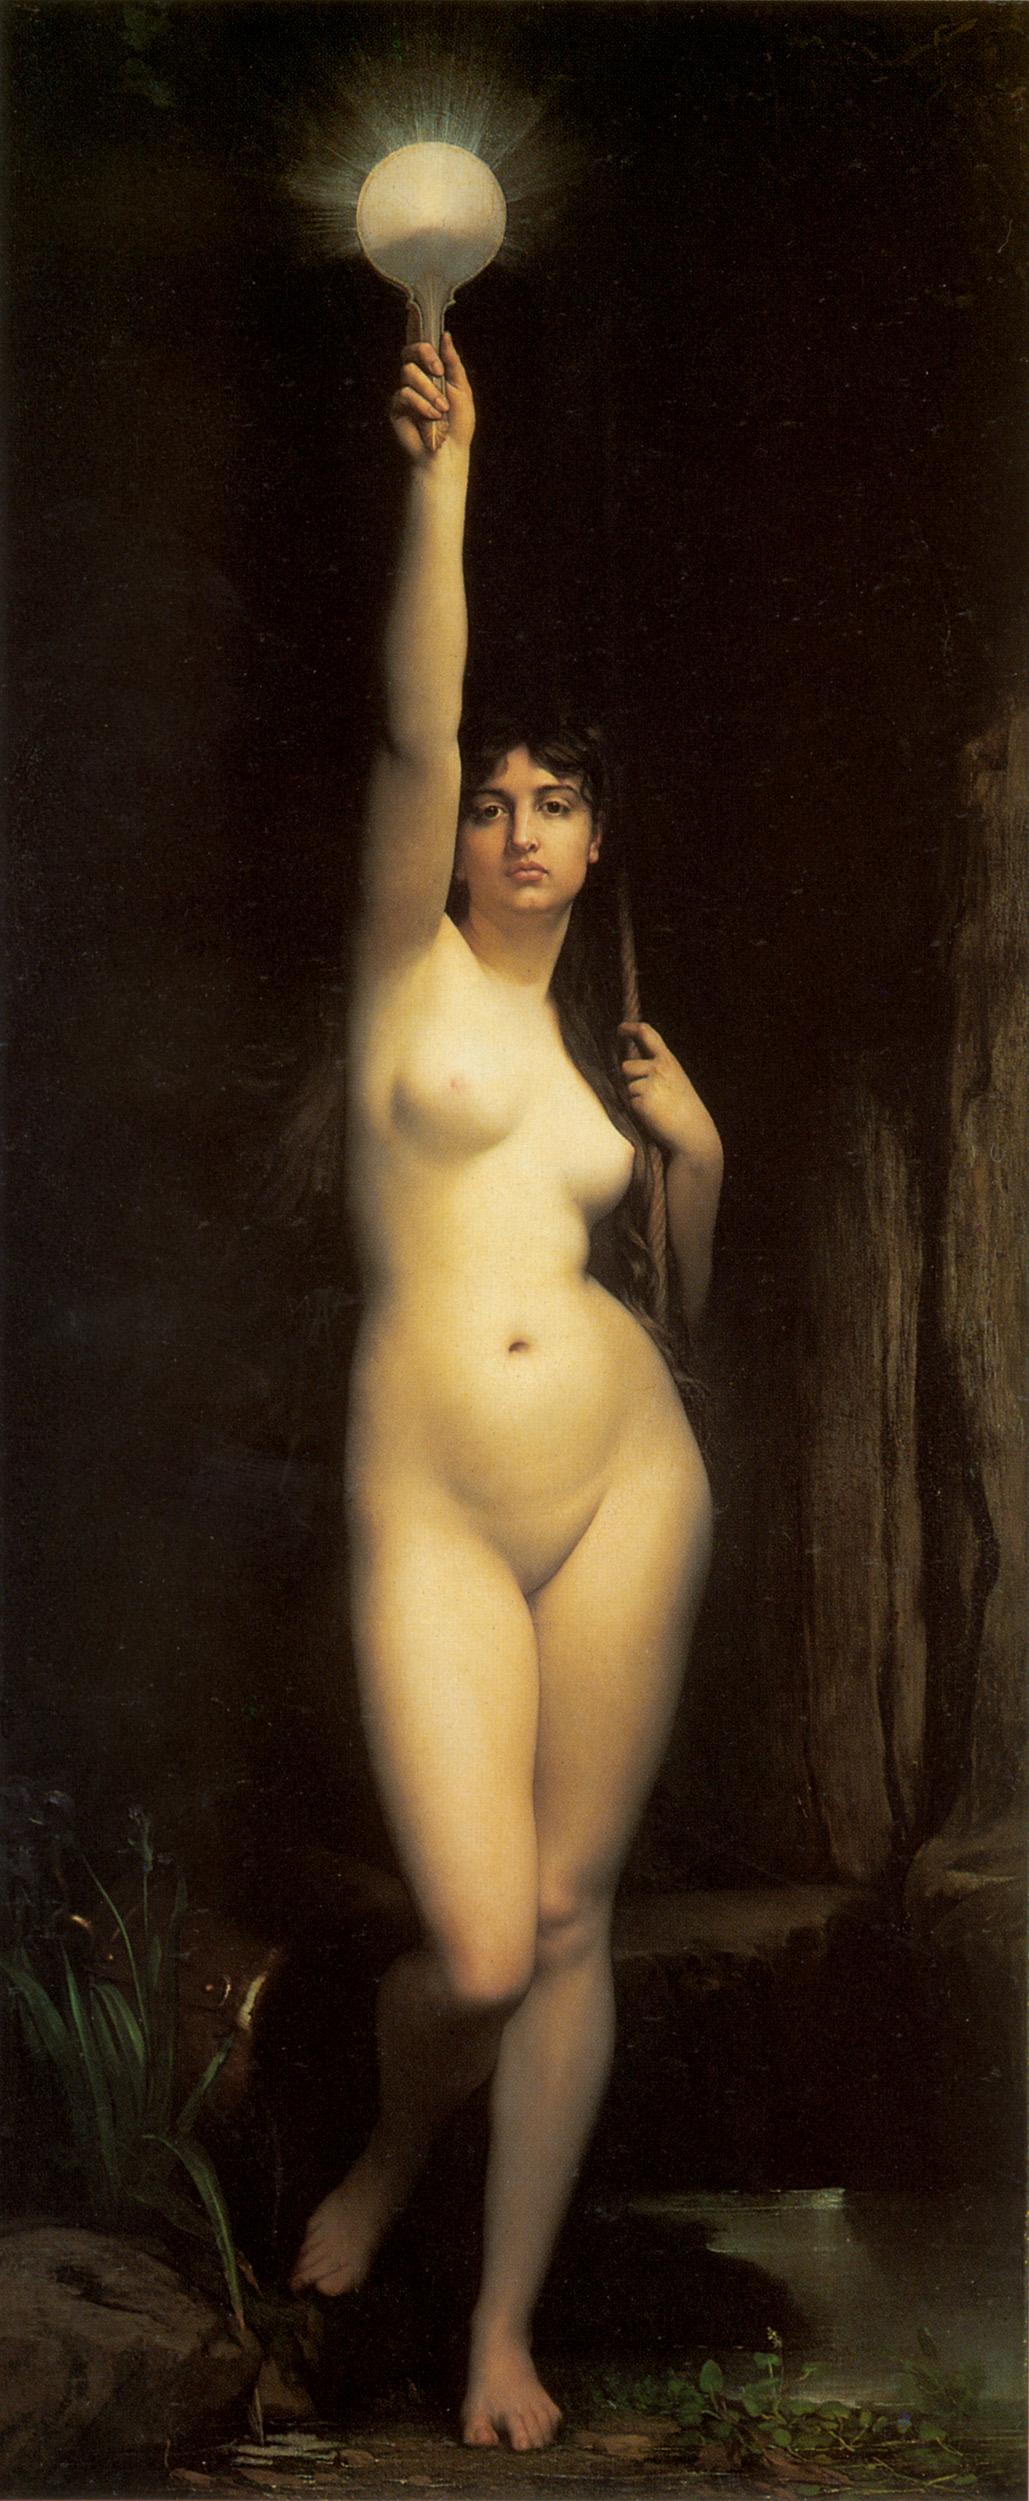 эротическая картина Истина  :: Жюль Жозеф Лефевр - Картины ню, эротика в шедеврах живописи фото